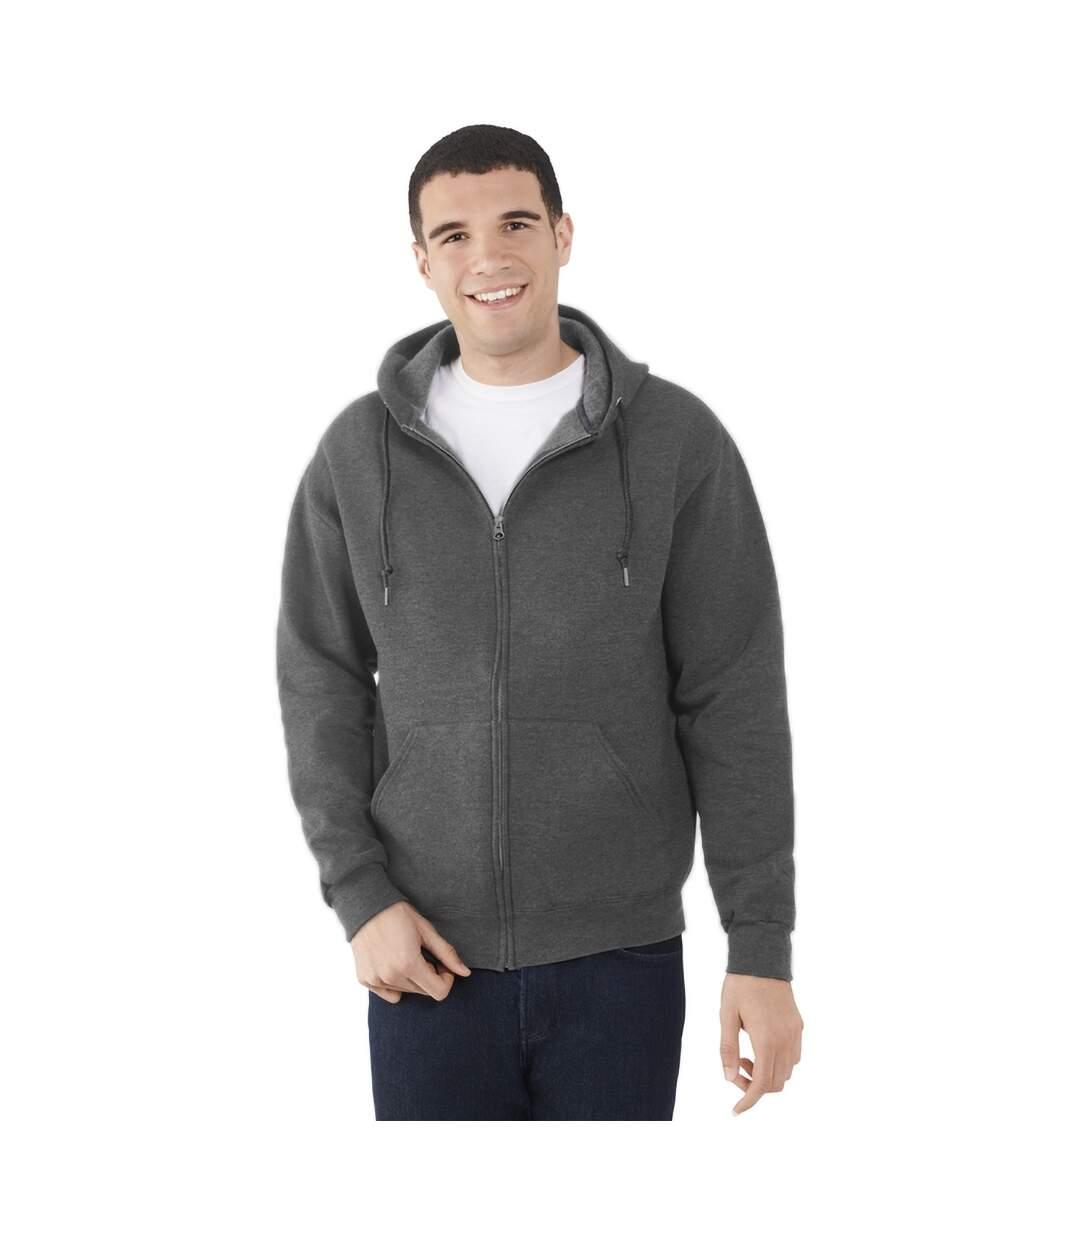 Fruit Of The Loom Mens Lightweight Full Zip Jacket / Hoodie (Deep Navy) - UTBC2655